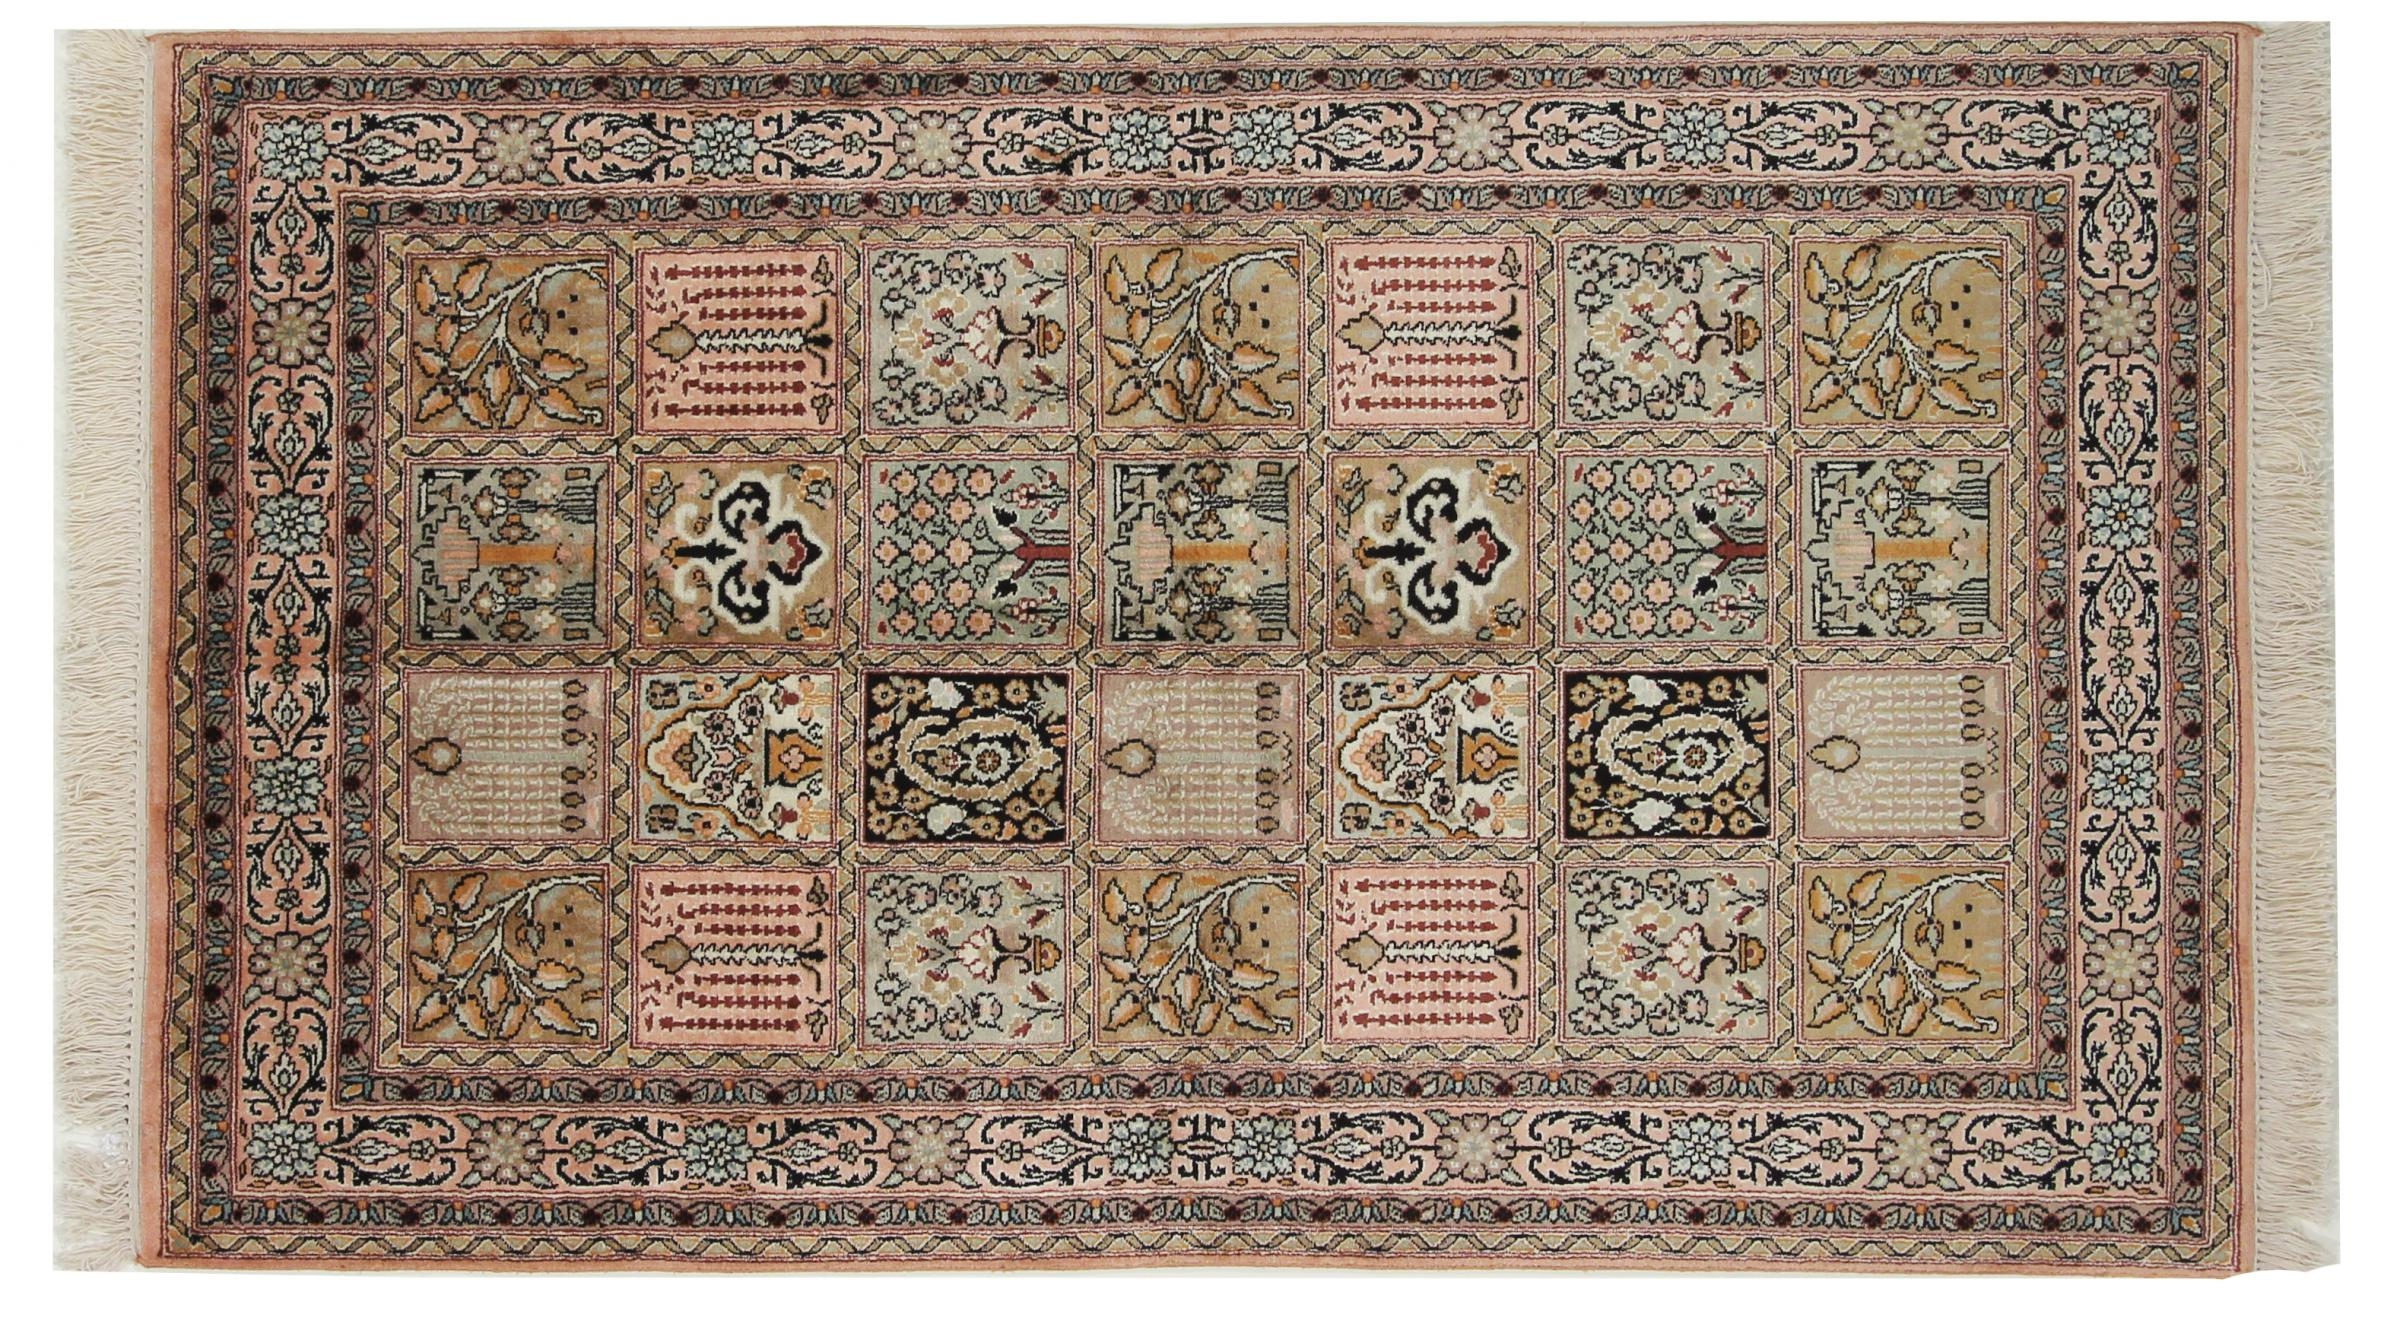 kaschmir reine seide indischer teppich 158x96 id33279. Black Bedroom Furniture Sets. Home Design Ideas